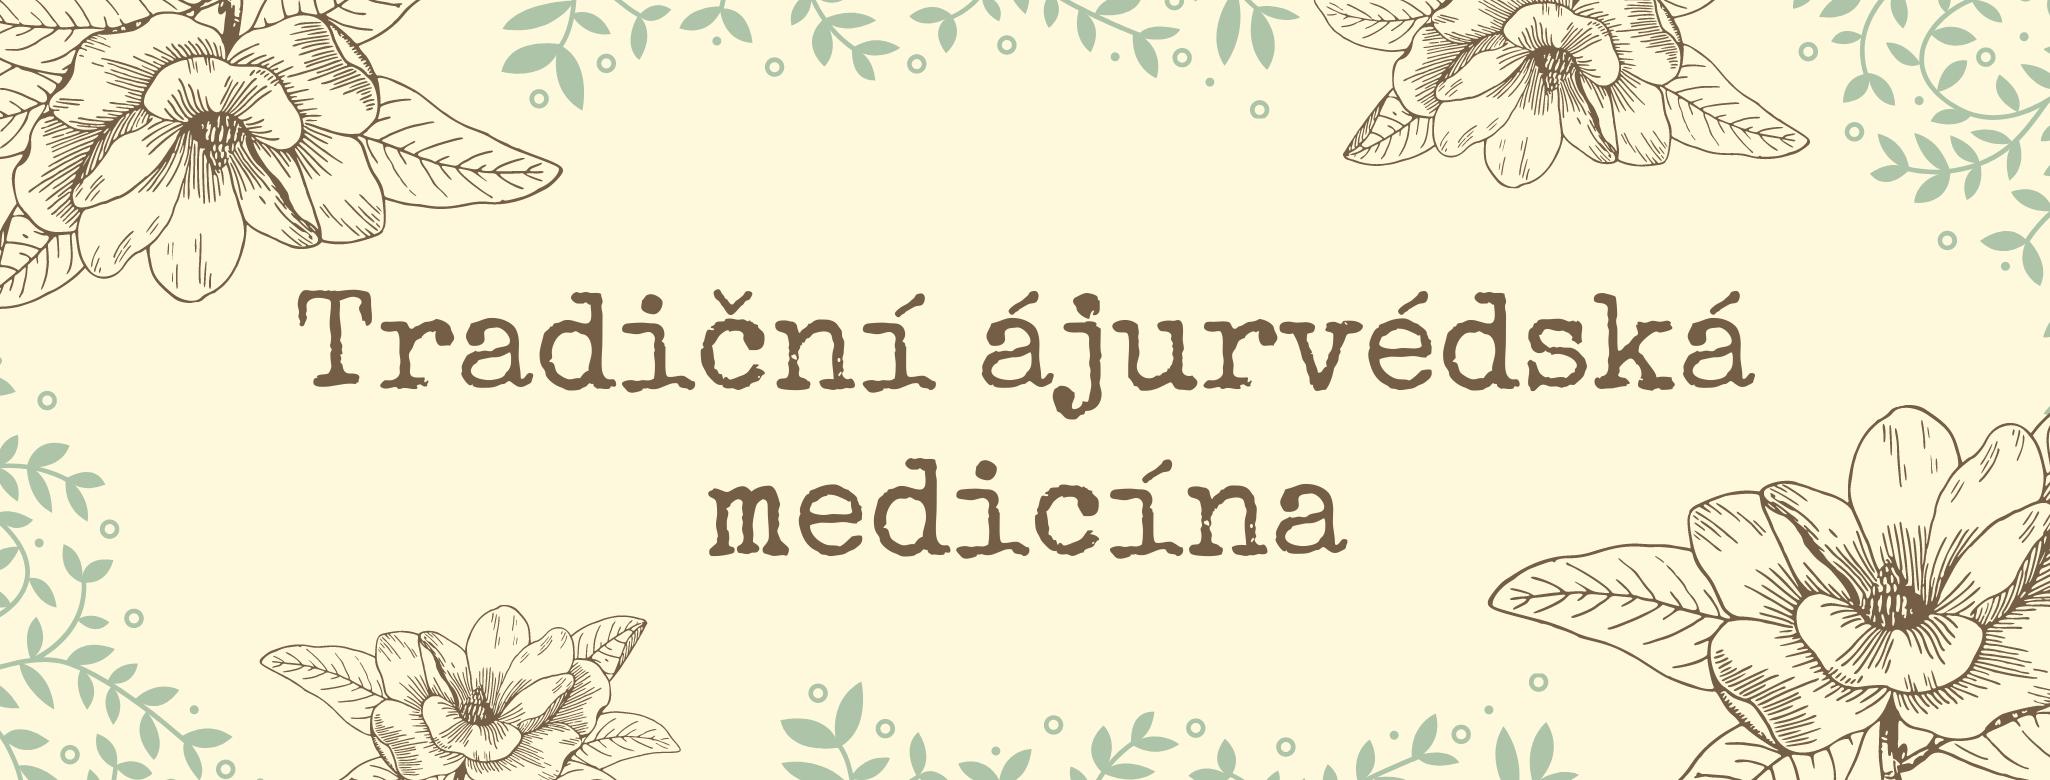 Tradiční ájurvédská medicína